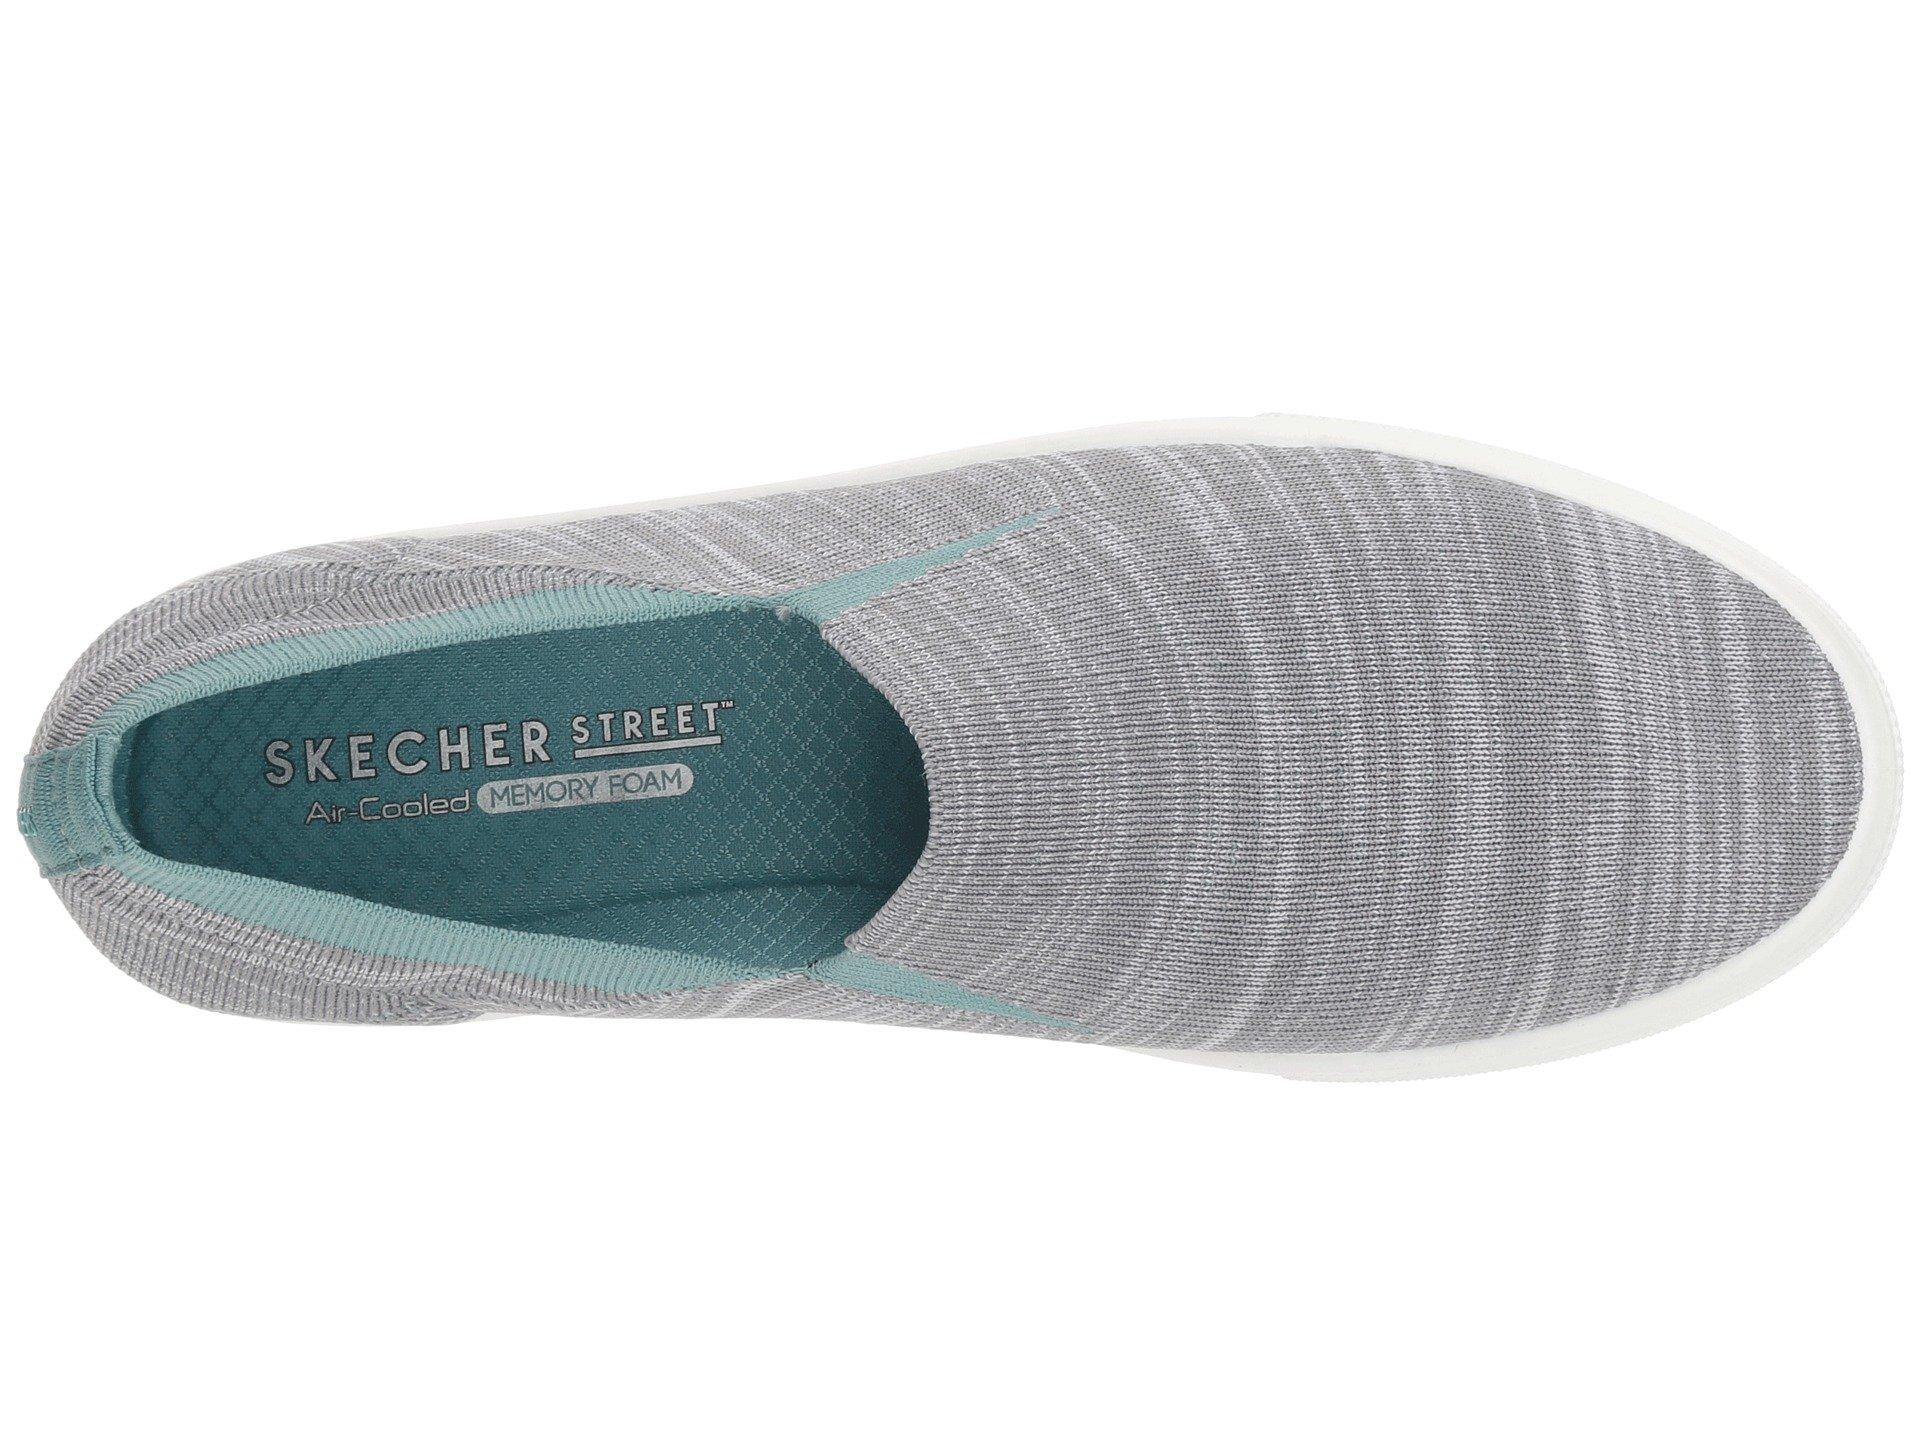 Skechers Poppy Light Skechers Gray Light Light Skechers Poppy Gray Gray Light Skechers Gray Poppy Skechers Poppy 8zCEn71q